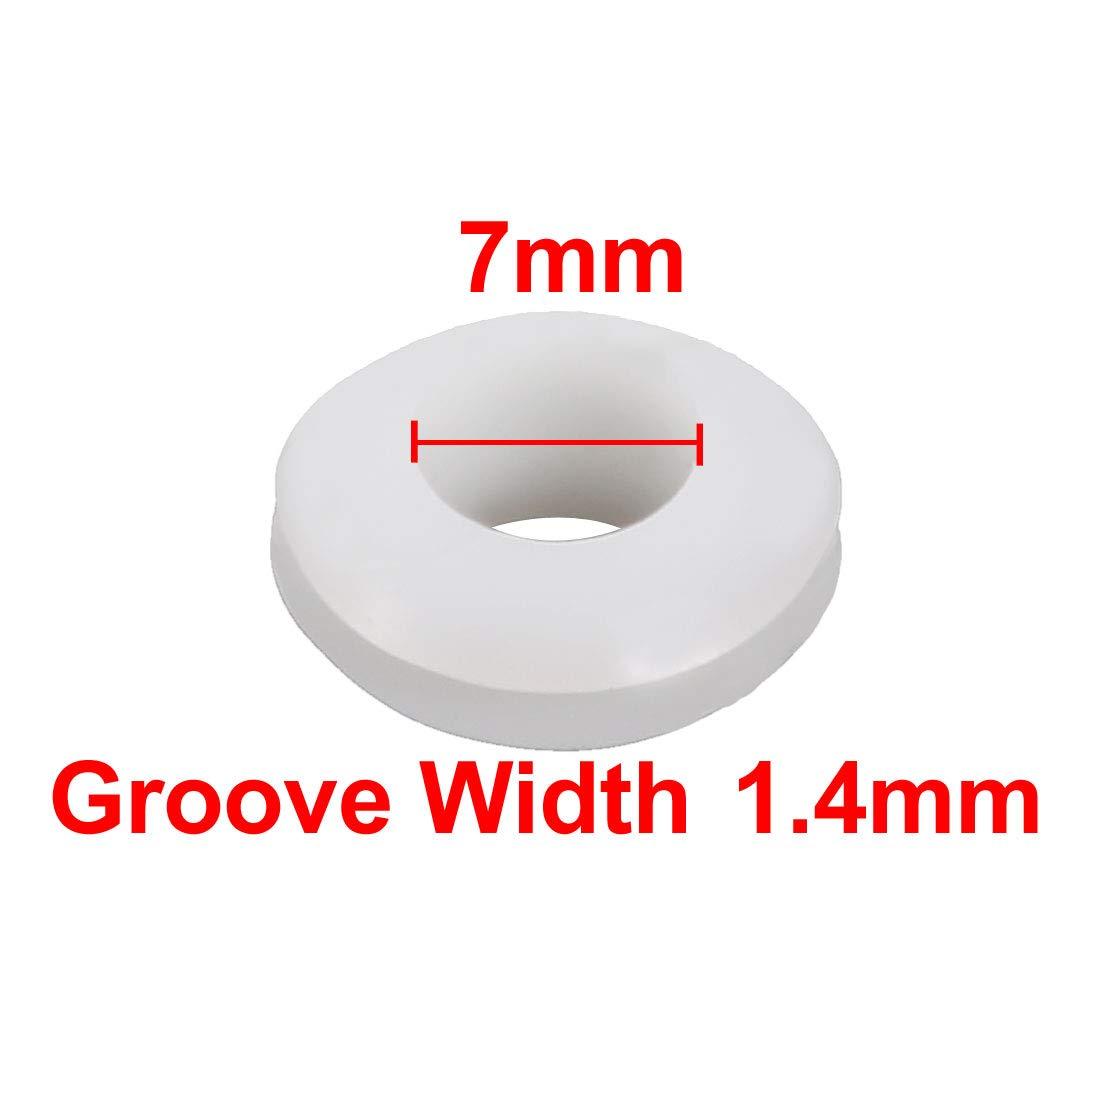 35Stk.Doppelseite Gummidurchführung Öse Ringdichtung Weiß 8mm Innendurchmesser